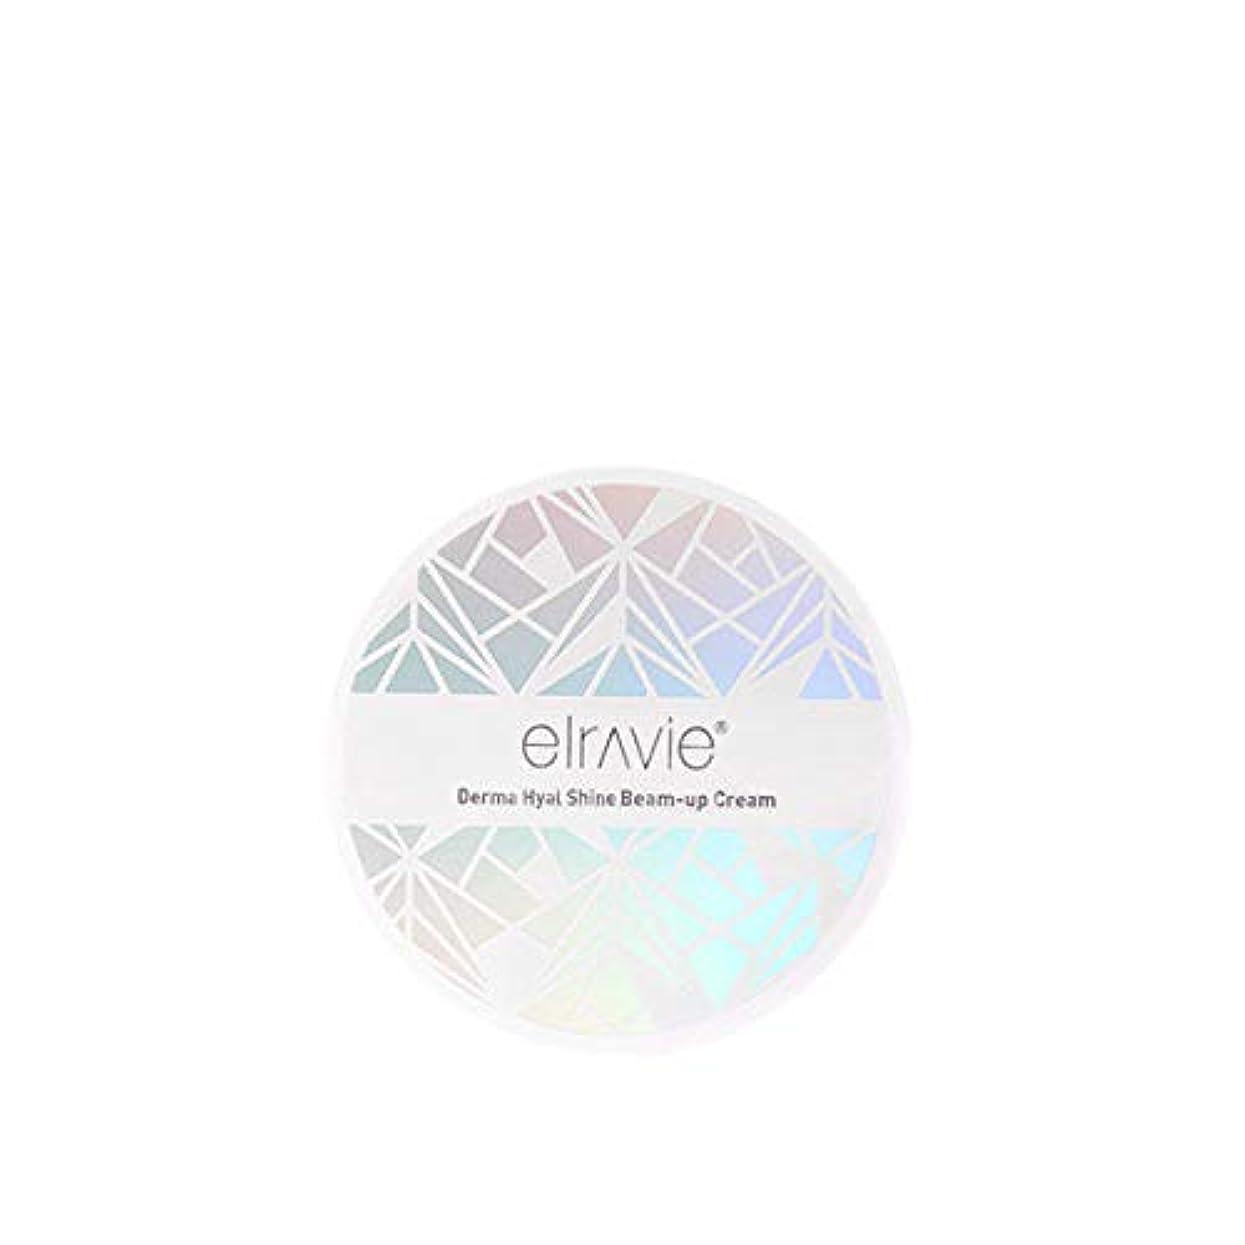 完璧な穿孔する最大のエラヴィー[Elravie] ダーマヒアルロン酸 輝くビームアップクリーム15g / Derma Hyal Shine Beam-up Cream